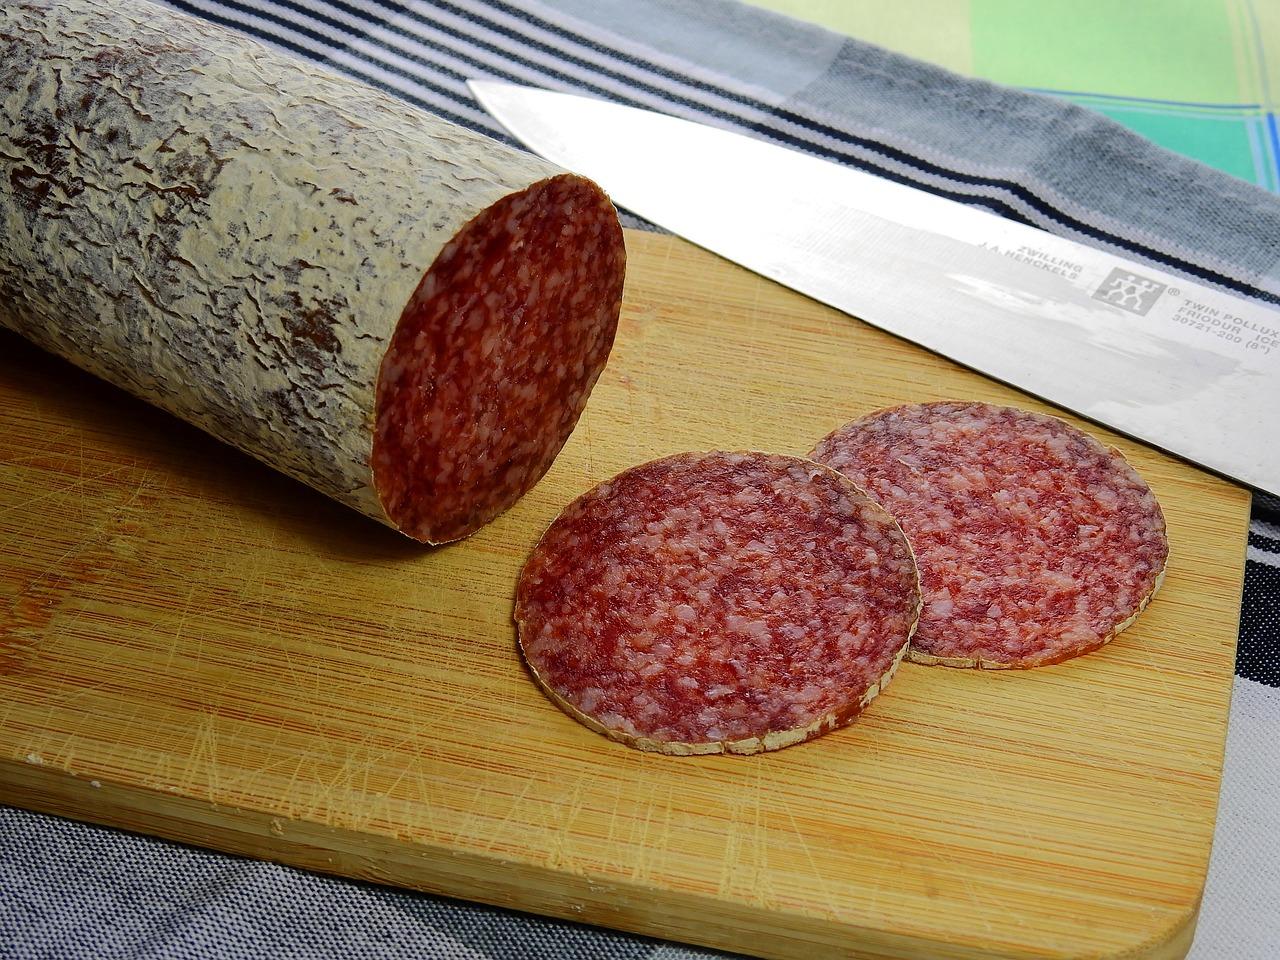 Listeria nel salame Aliprandi, lotto ritirato dal mercato